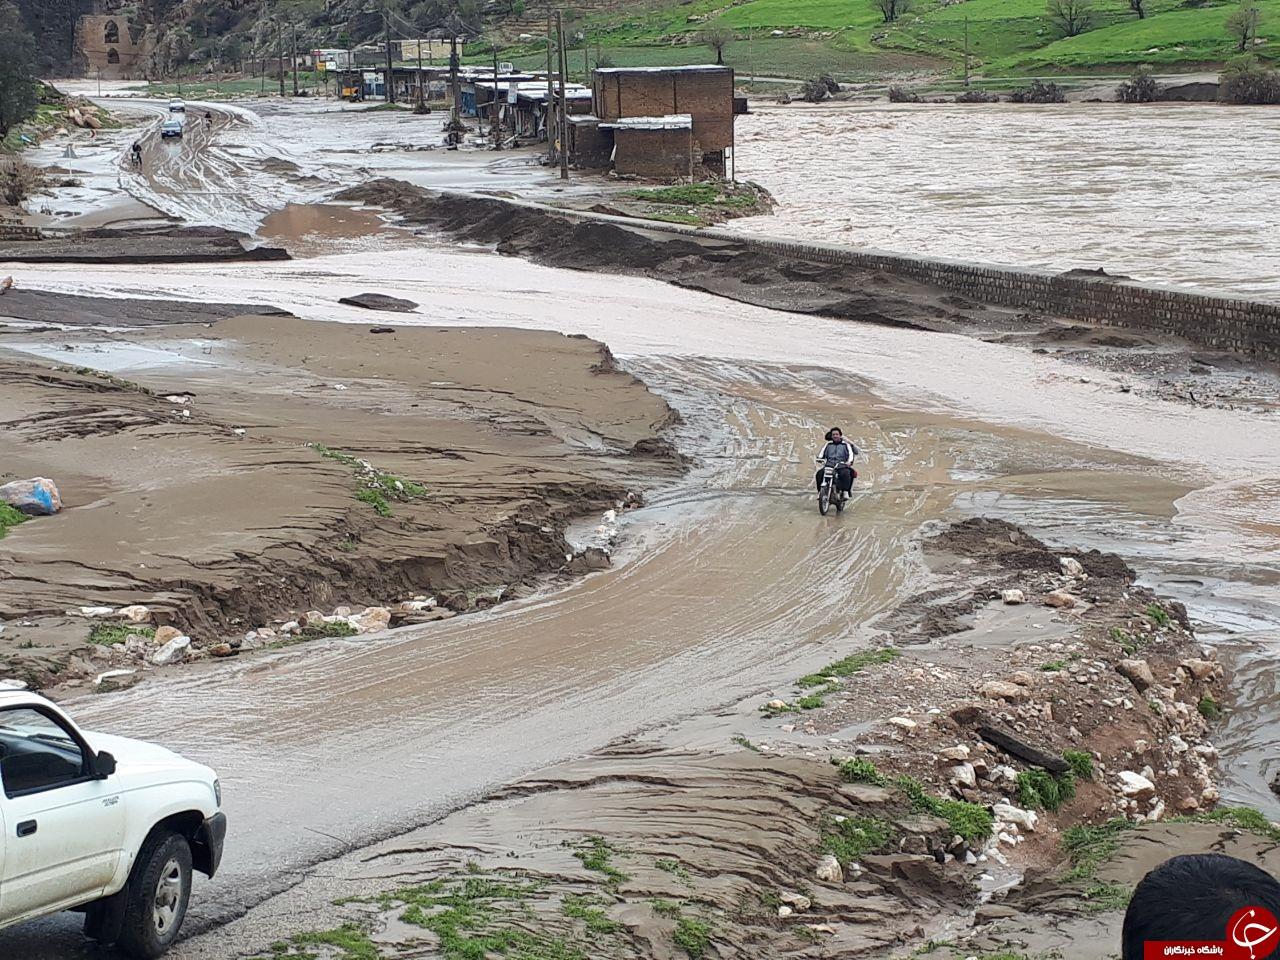 وضعیت جوی و بارندگی ها در استان های مختلف کشور